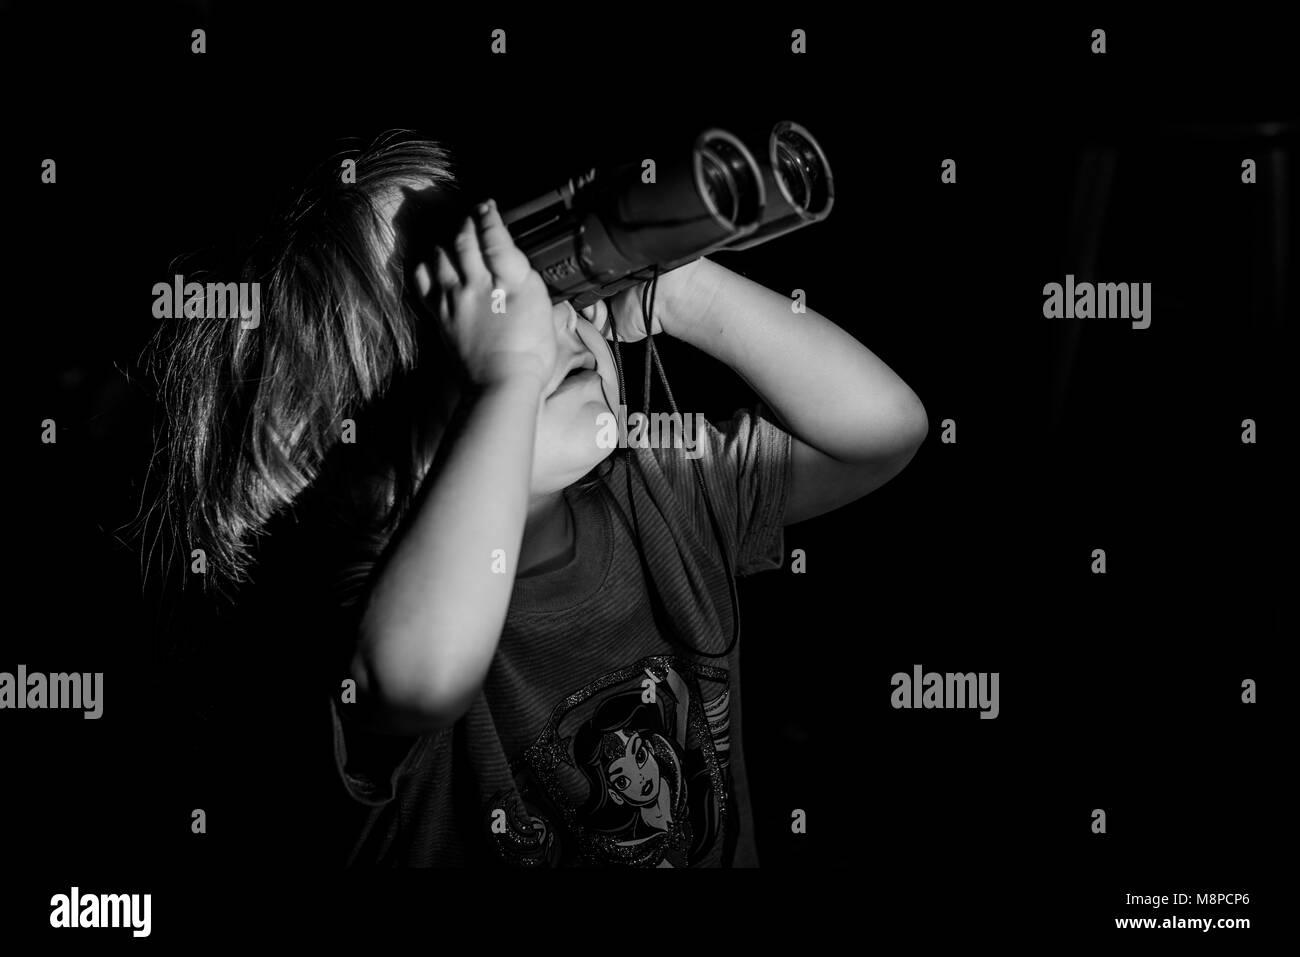 Una giovane ragazza toddler guardando attraverso il binocolo. Immagini Stock